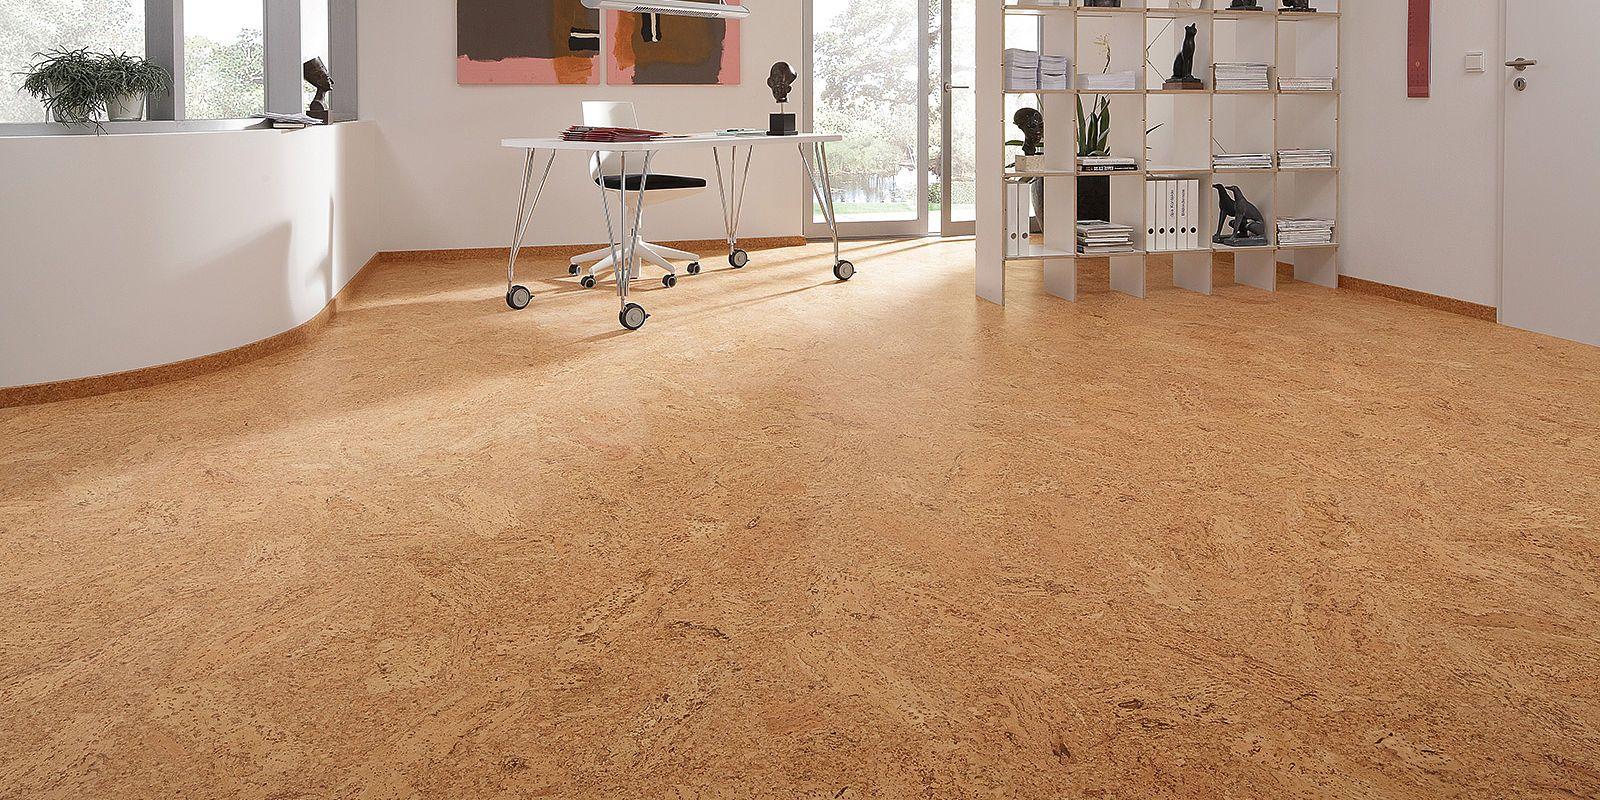 korkboden KC 400 S | Mama | Pinterest | Korkboden, Fußboden und ...